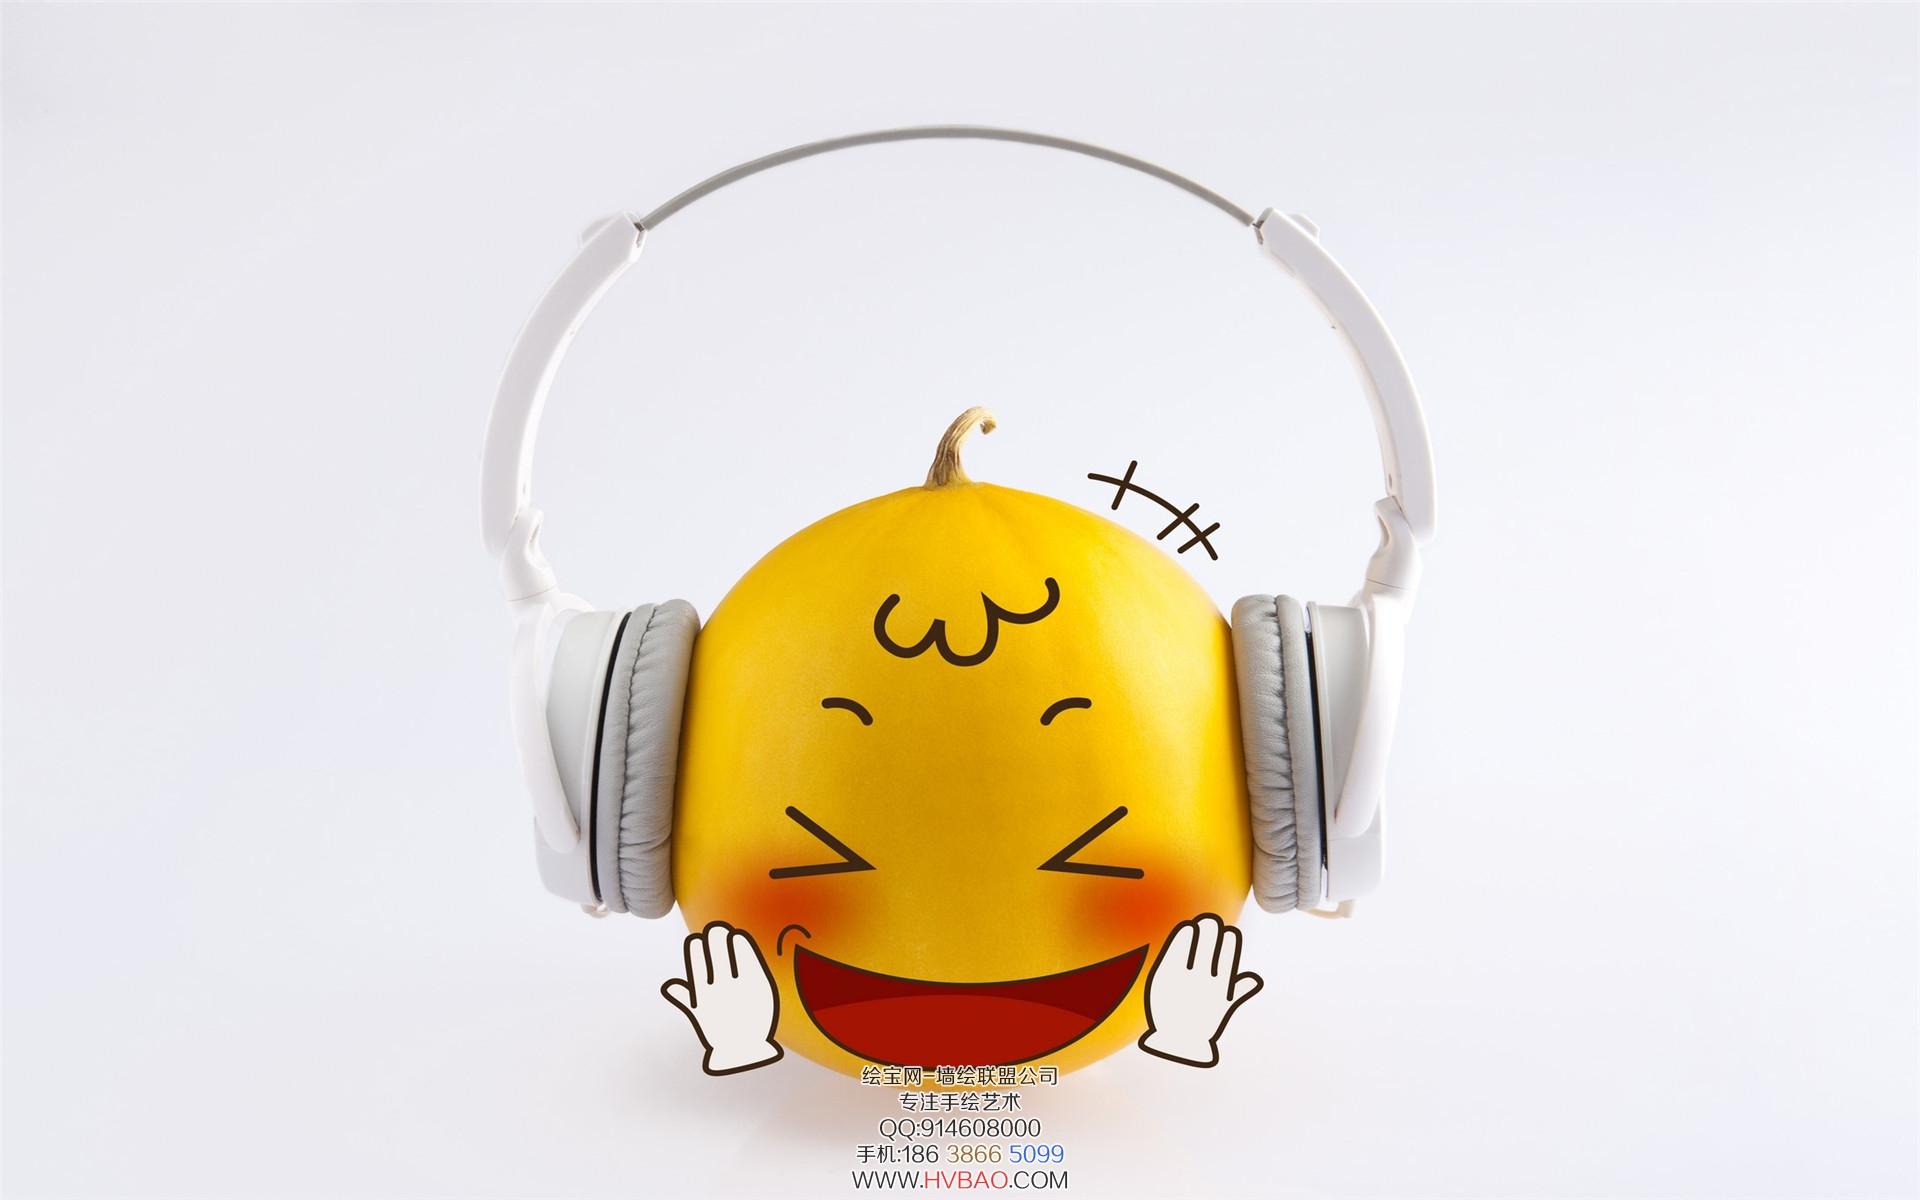 表情 手绘墙素材涂鸦表情音乐西瓜草帽可爱调皮 手绘涂鸦 绘宝网 表情